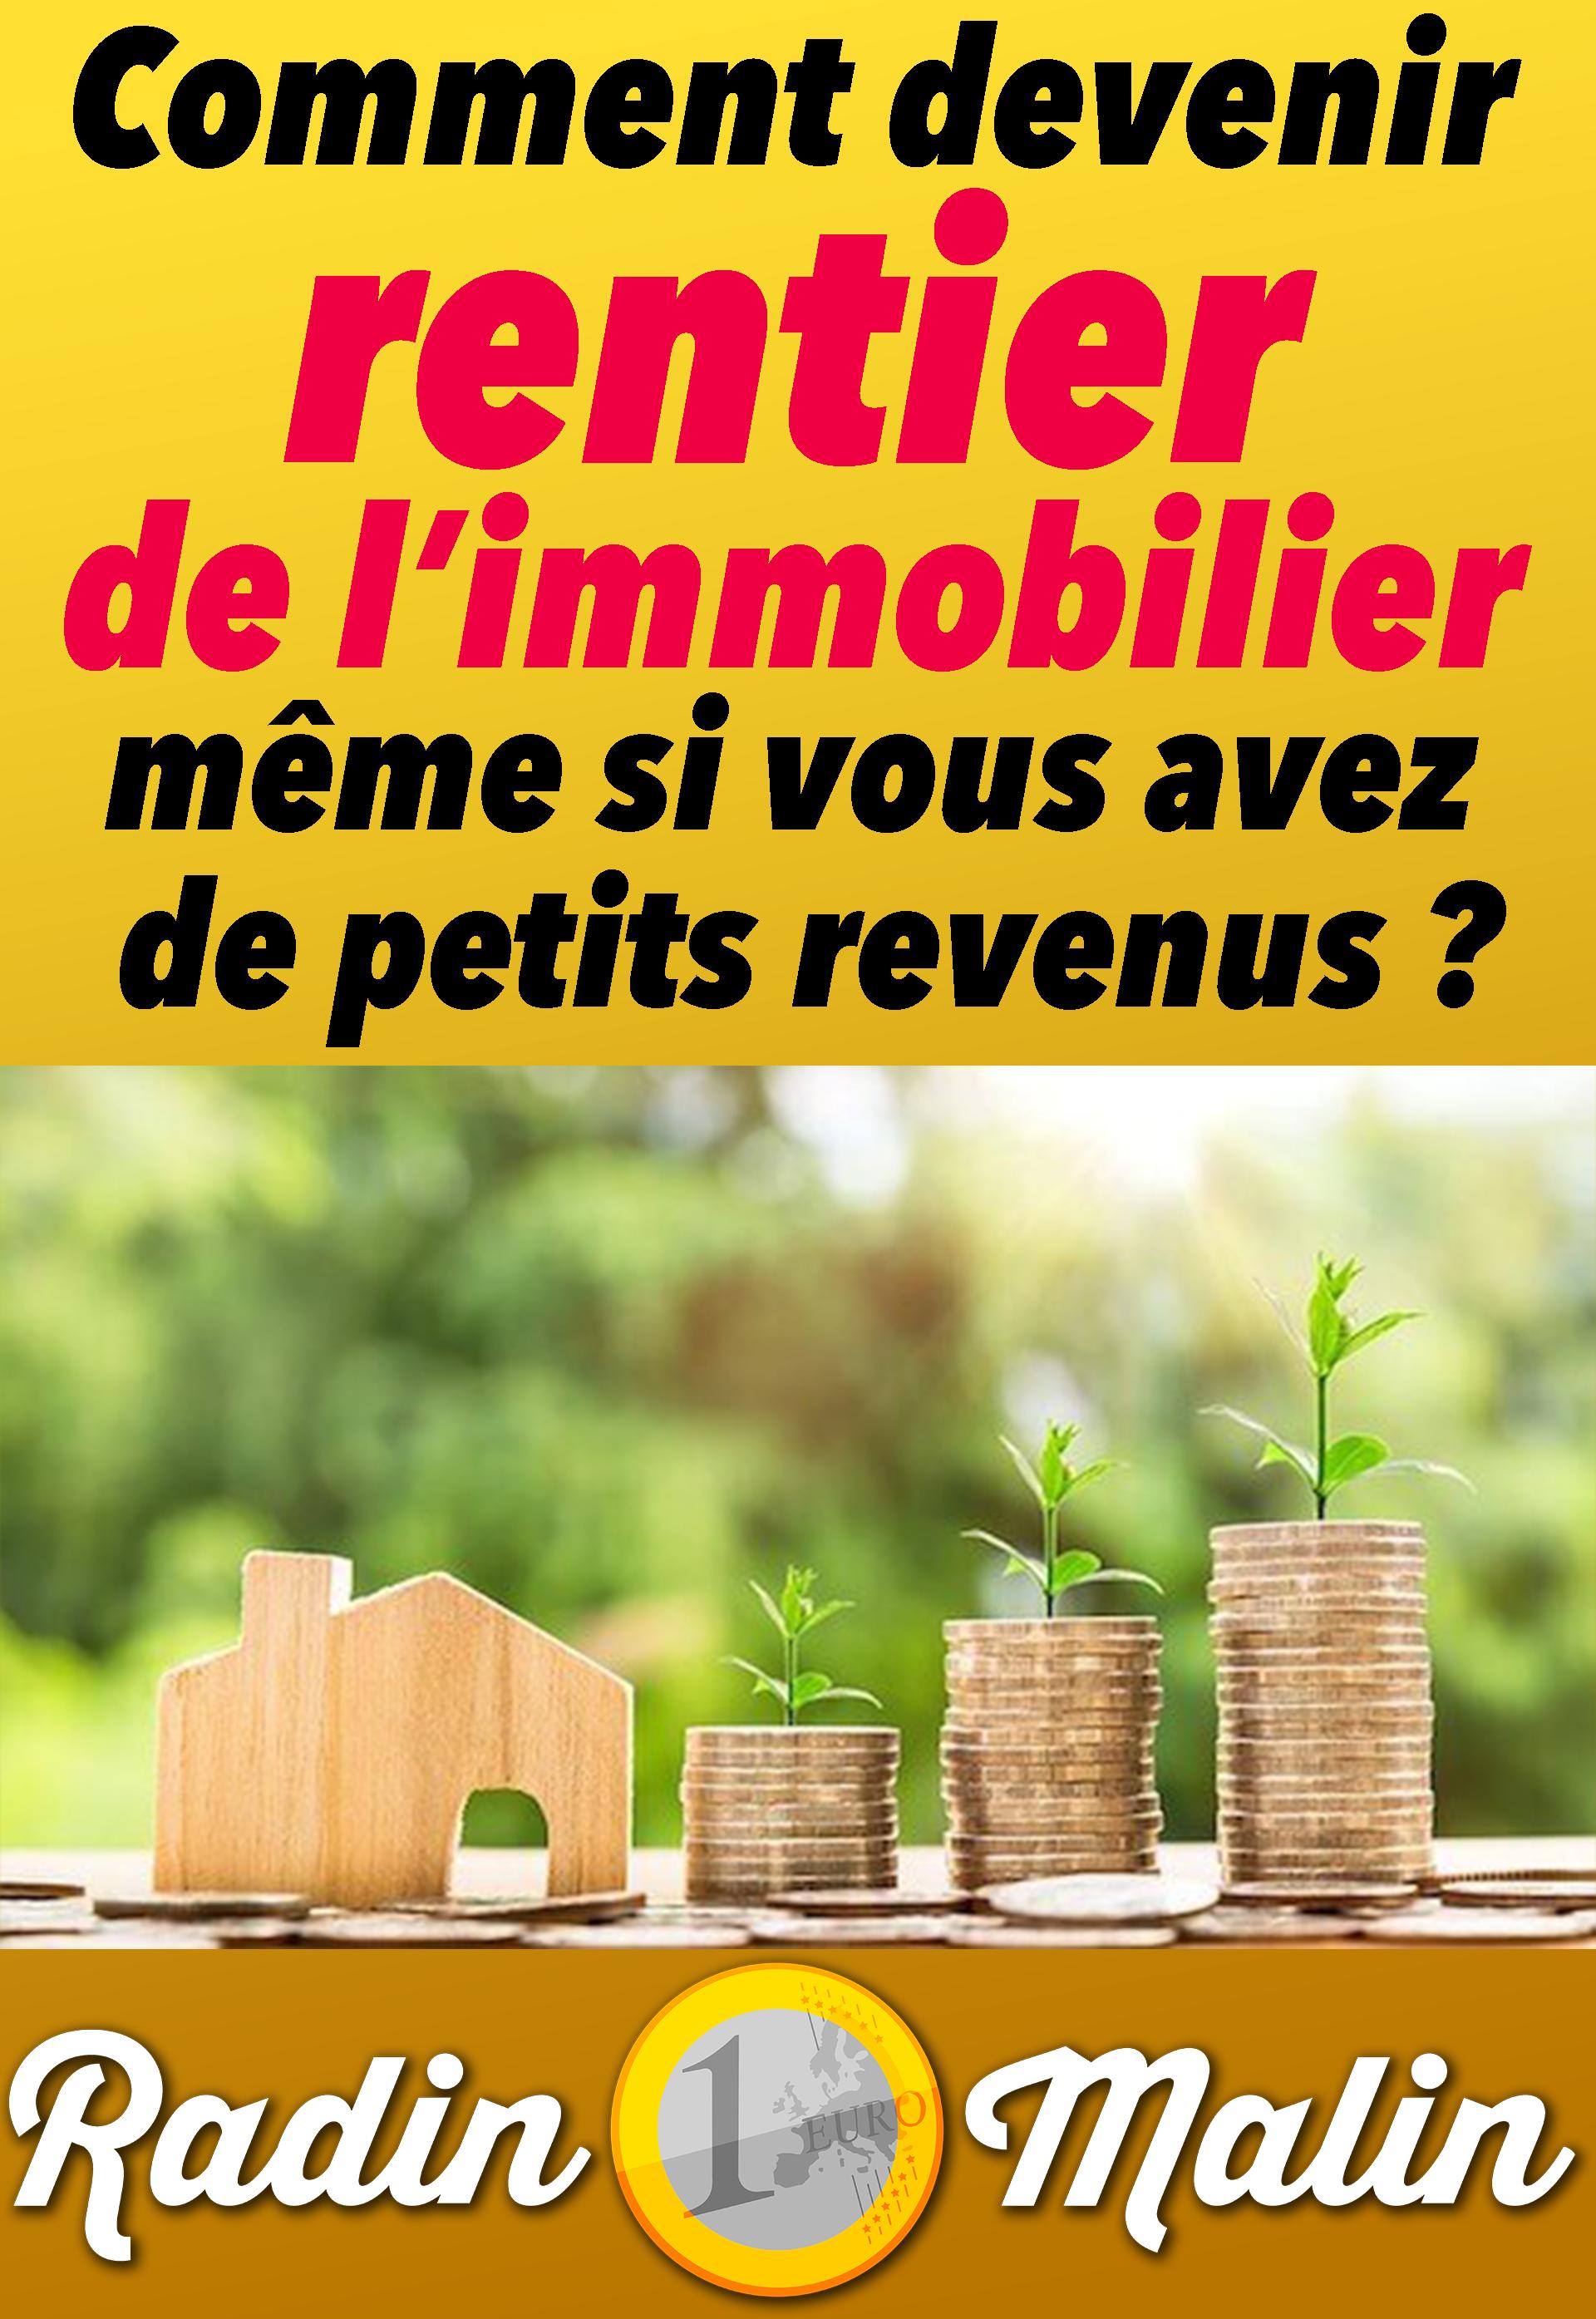 Devenir Rentier En 10 Ans : devenir, rentier, Devenir, Rentier, Immobilier,, C'est, Possible,, Même, Argent, Suivez, Guide, Radin, Malin, Investissement, Immobilier, Locatif,